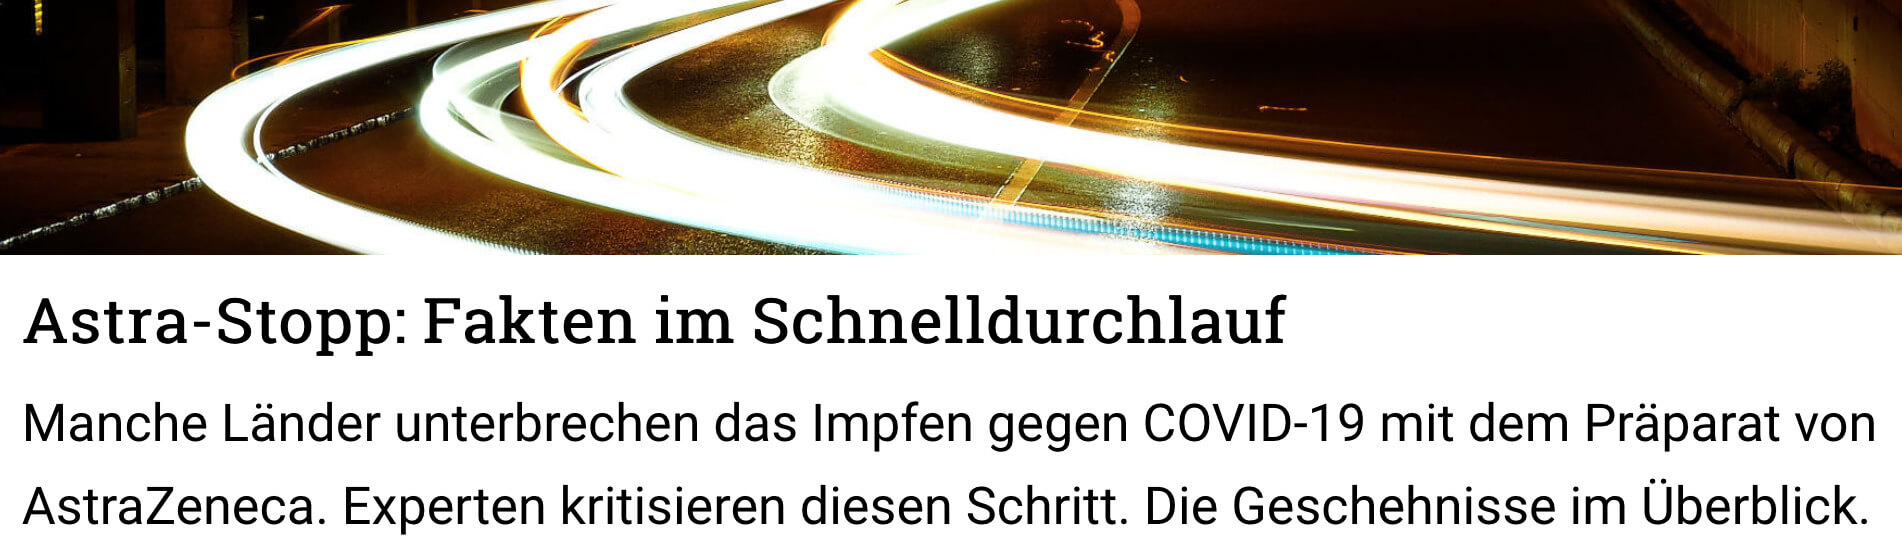 bildschirmfoto_2021-03-15_um_15.48.21_original.jpg